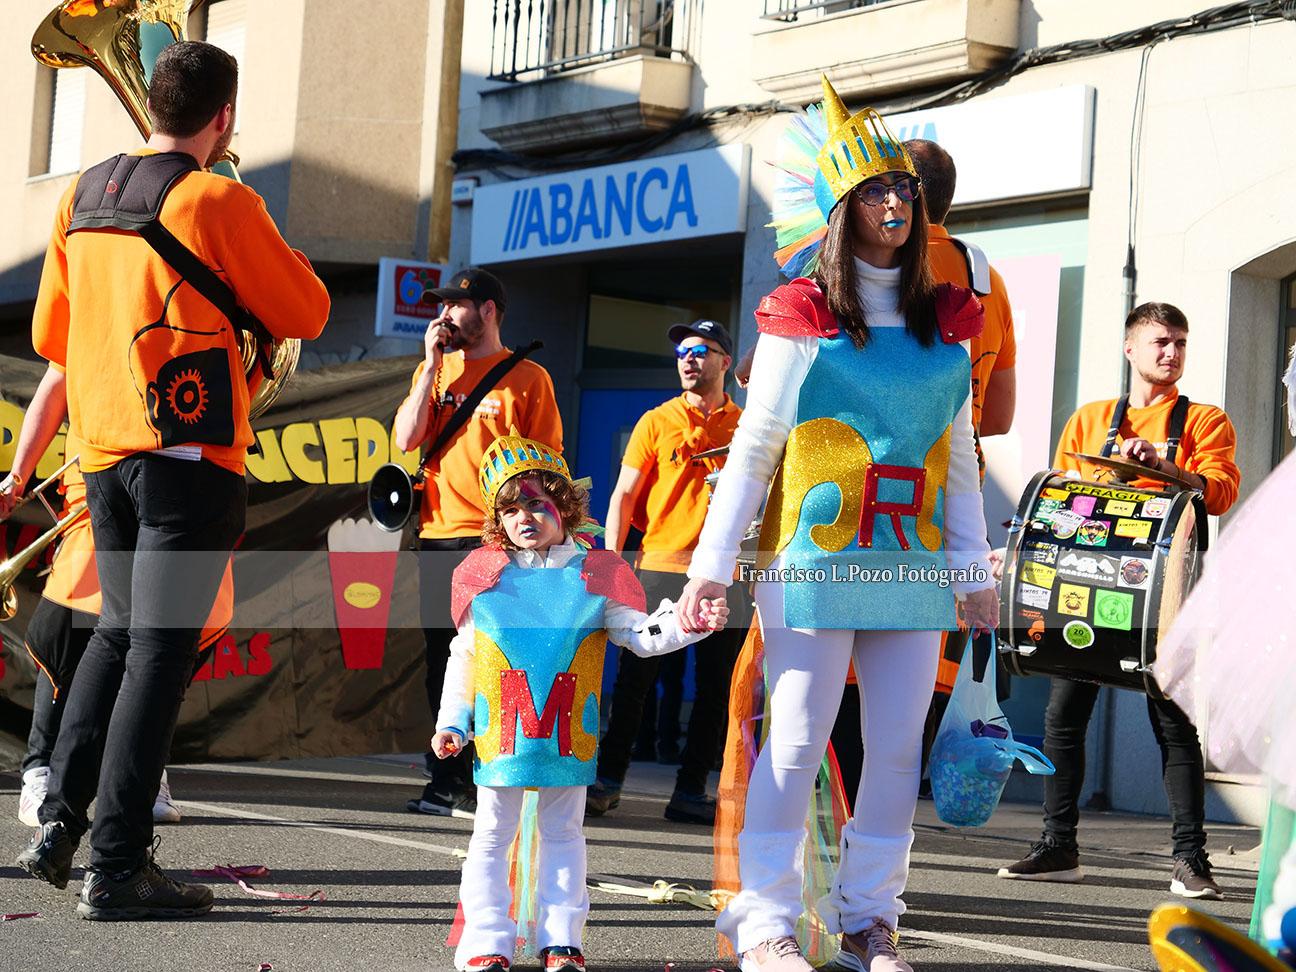 Carnaval 2020: Camponaraya sale a la calle a ritmo de comparsa 129